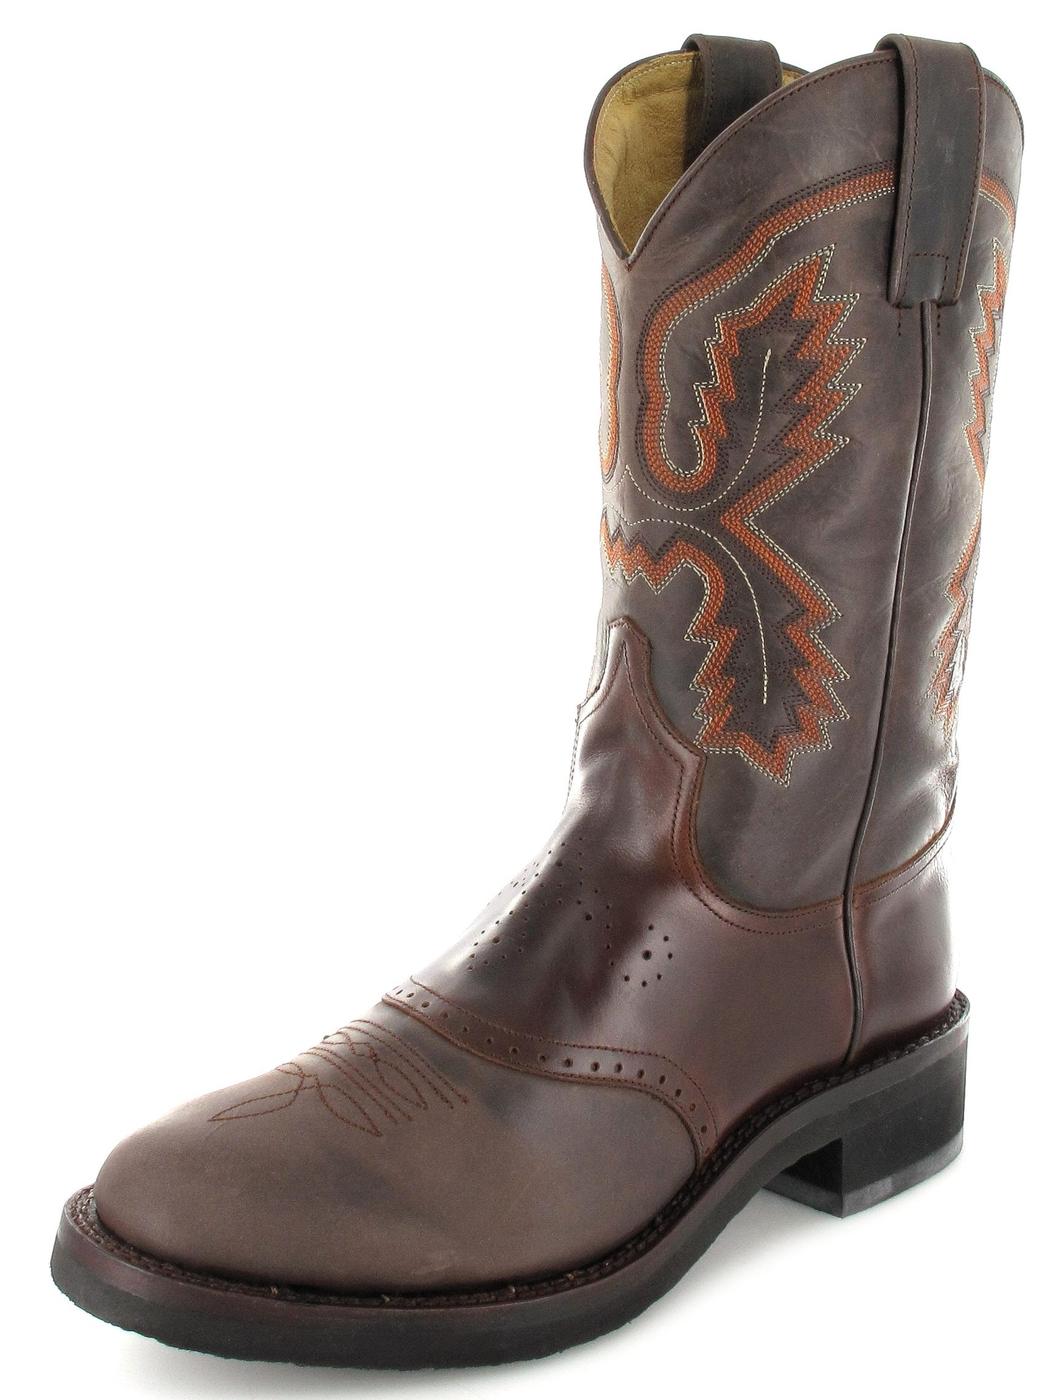 Sendra Boots 5357 Seahorse Damen Westernreitstiefel - braun